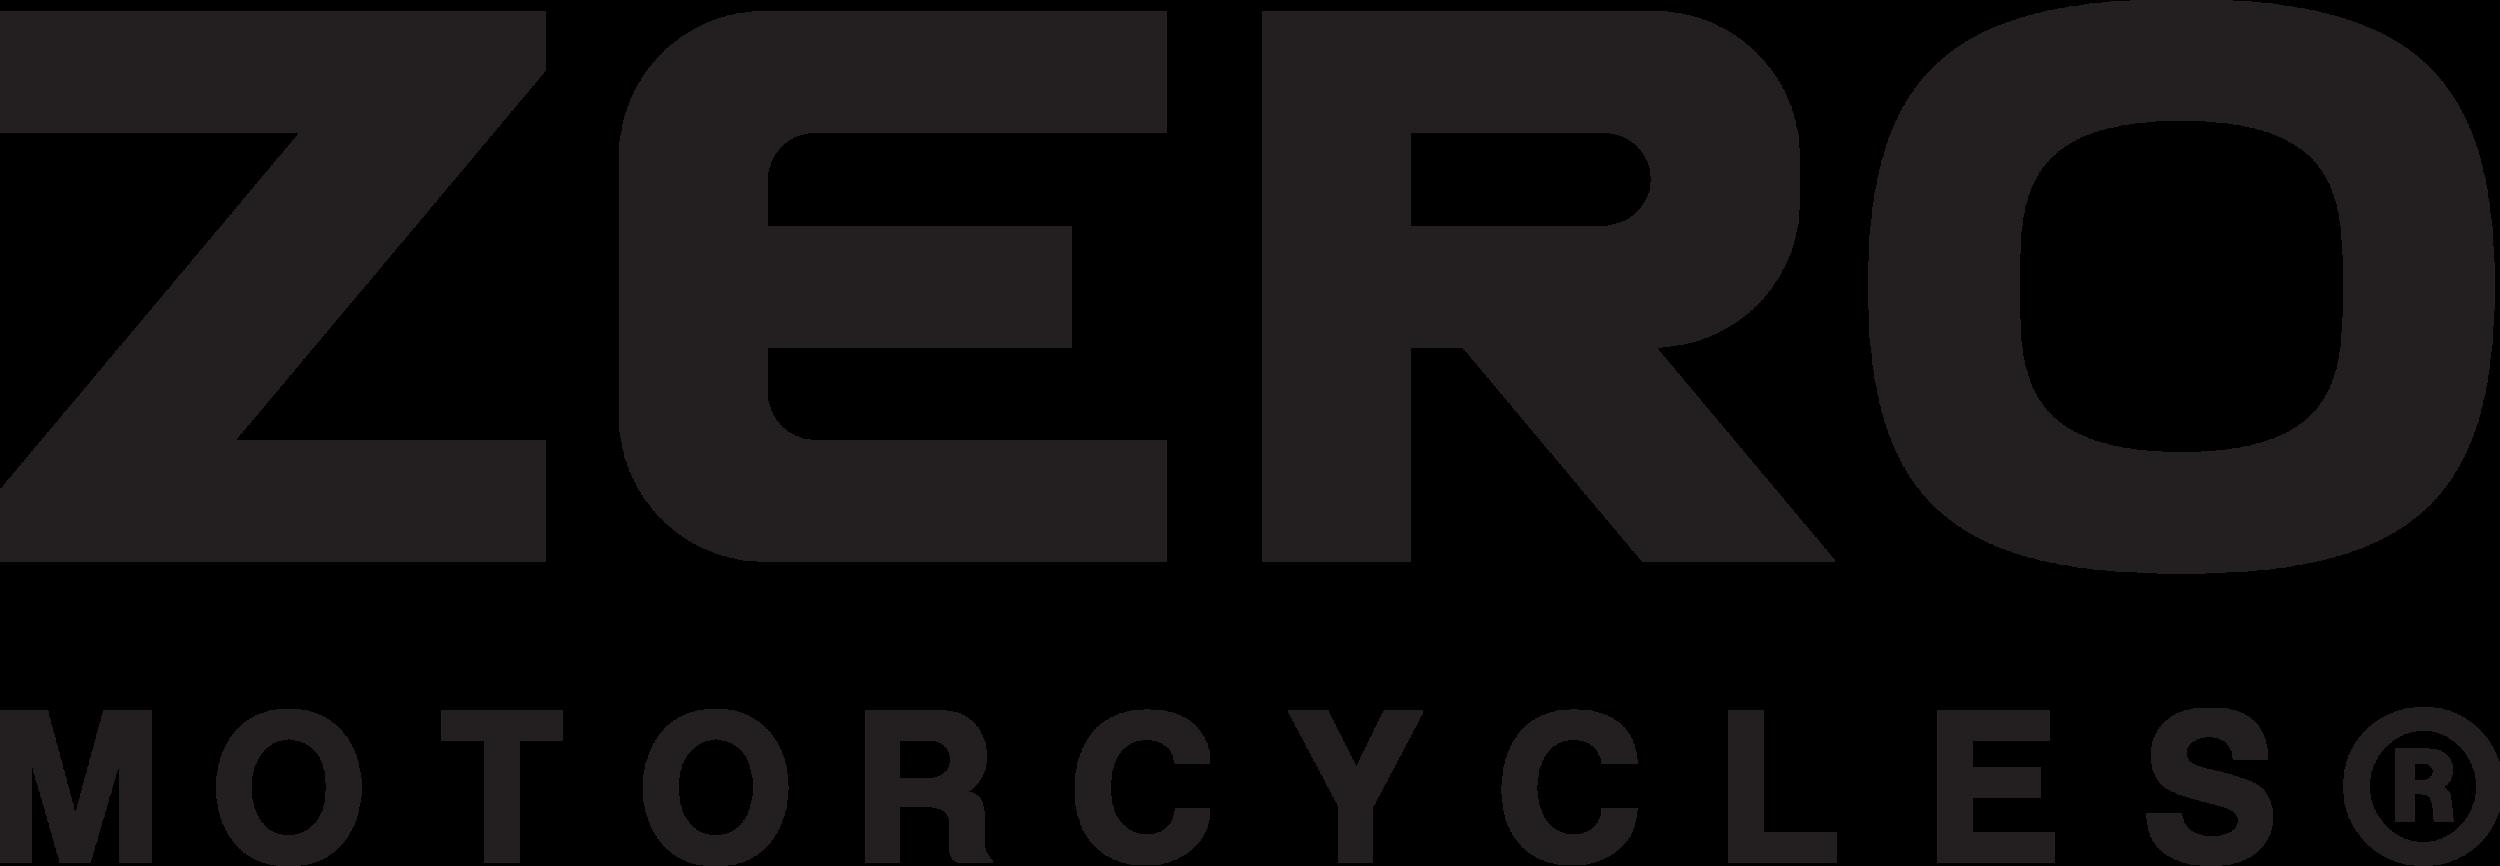 zero-motorcycles-wordmark-black (1).png